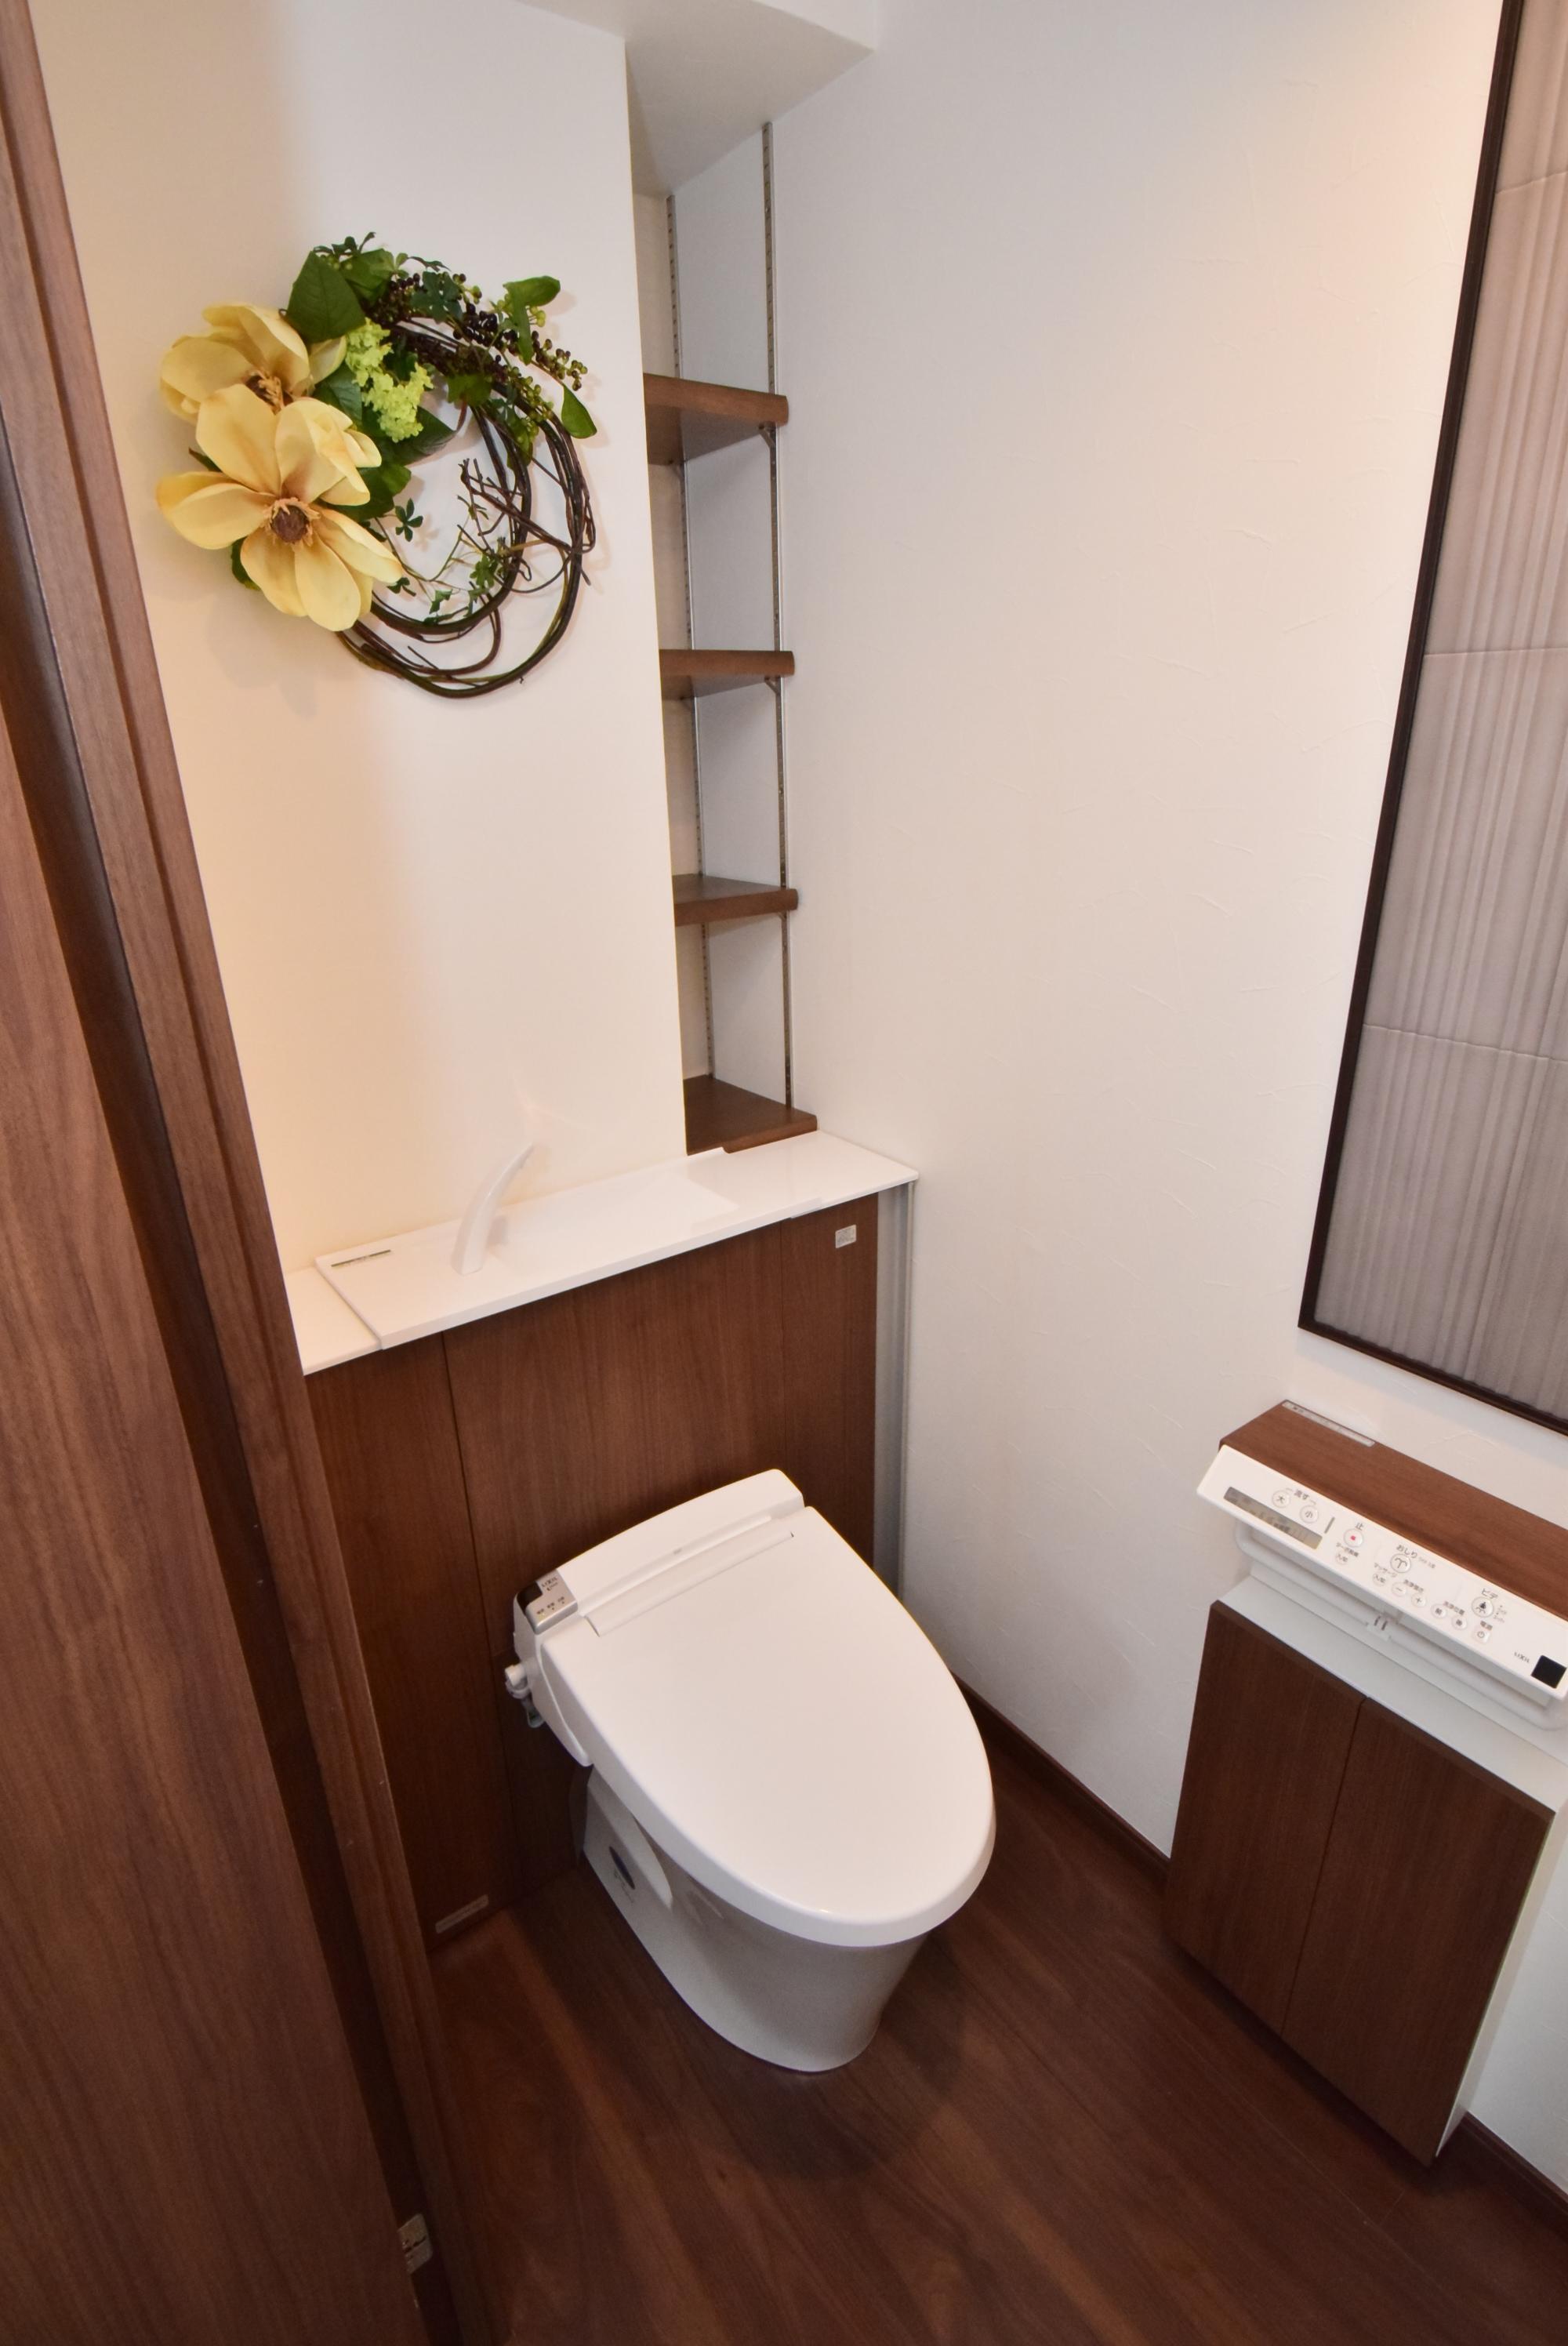 デットスペースをなくすリノベーションの写真 タンク薄型トイレで広々した空間